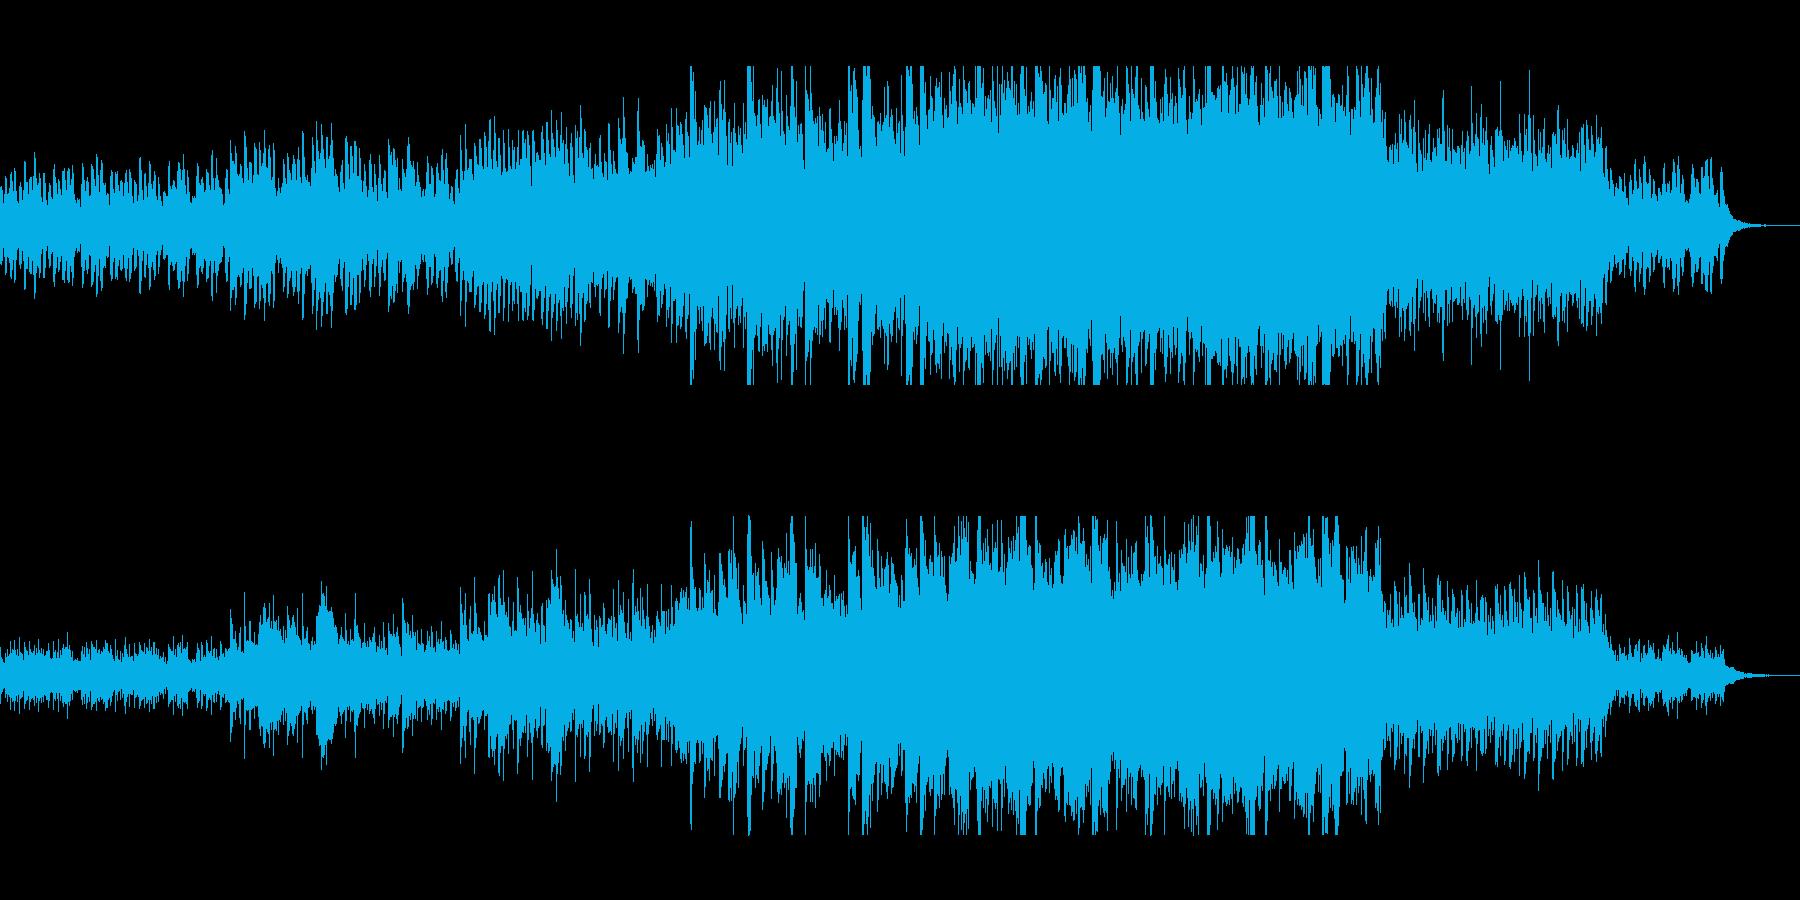 幻想的なピアノリフが続くおぼろげな楽曲の再生済みの波形